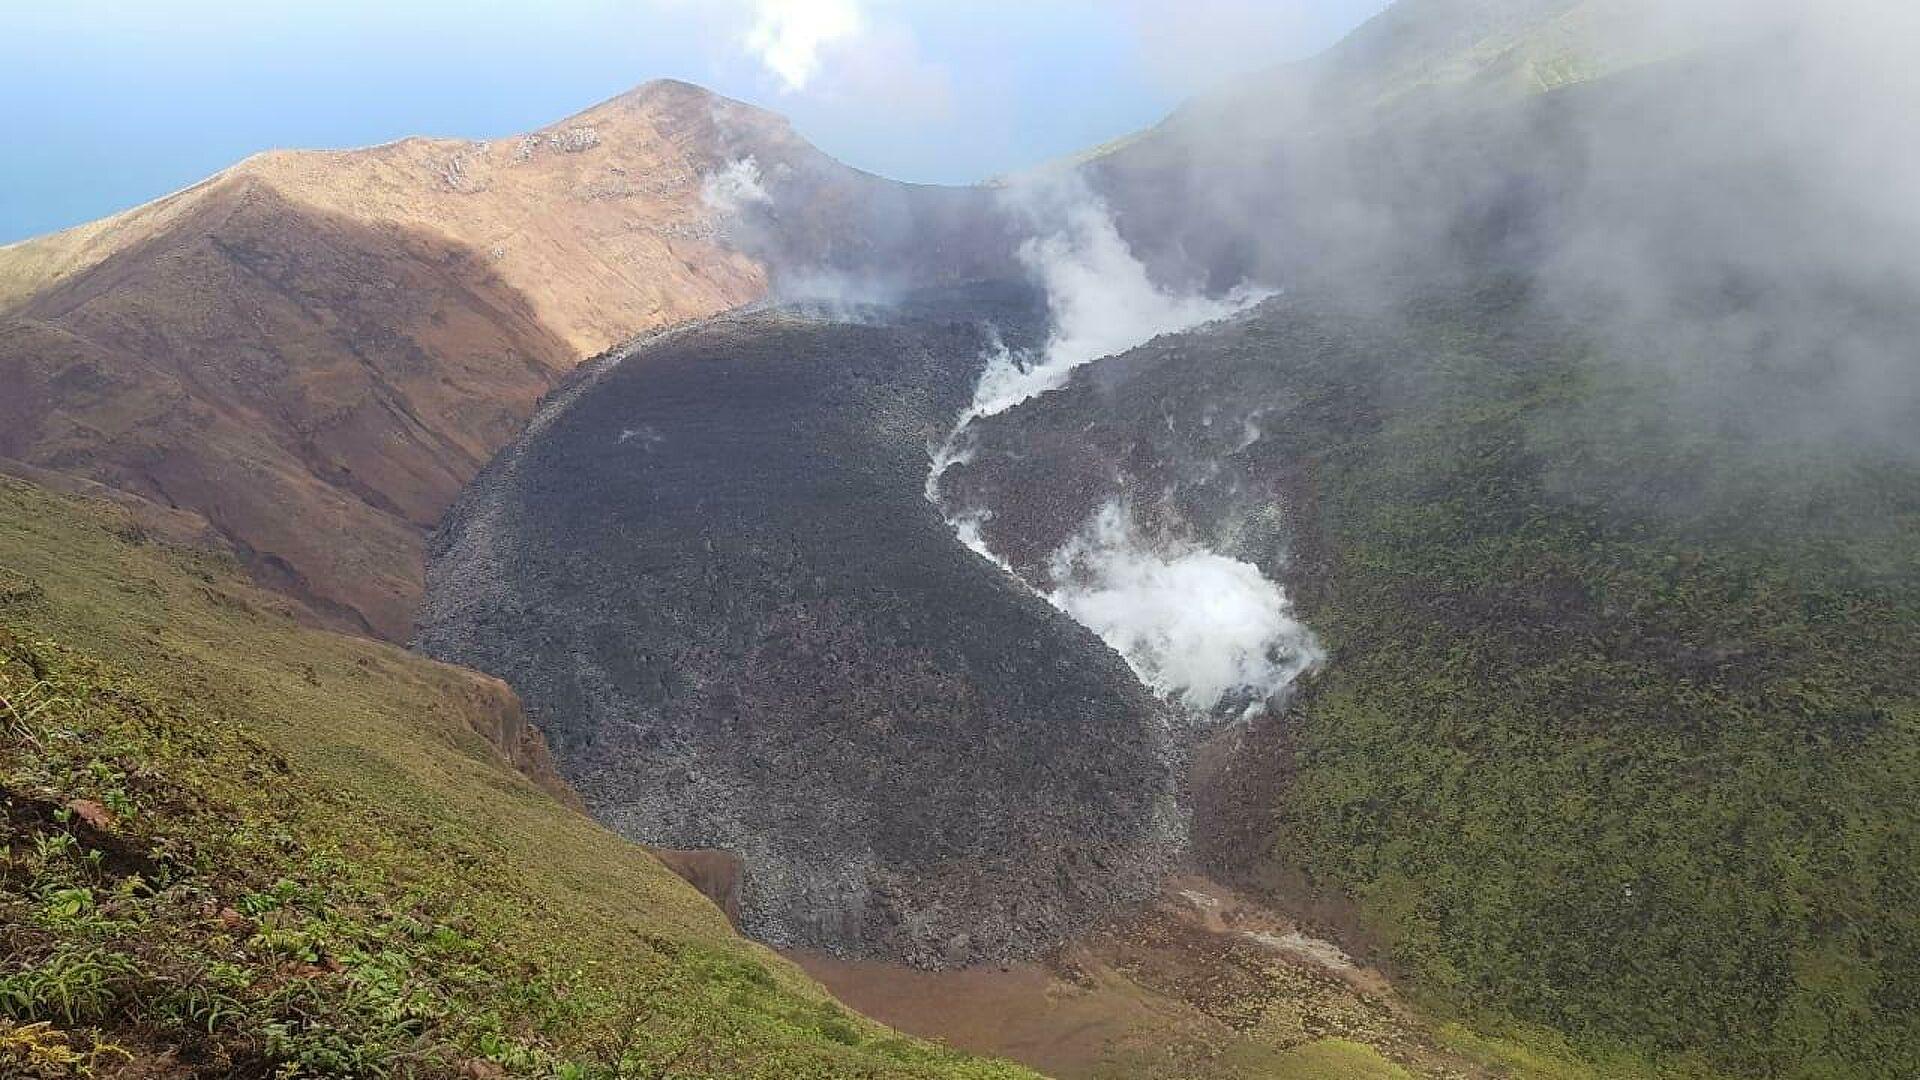 Erupción de volcán en San Vicente y Las Granadinas obliga evacuación de 30.000 habitantes